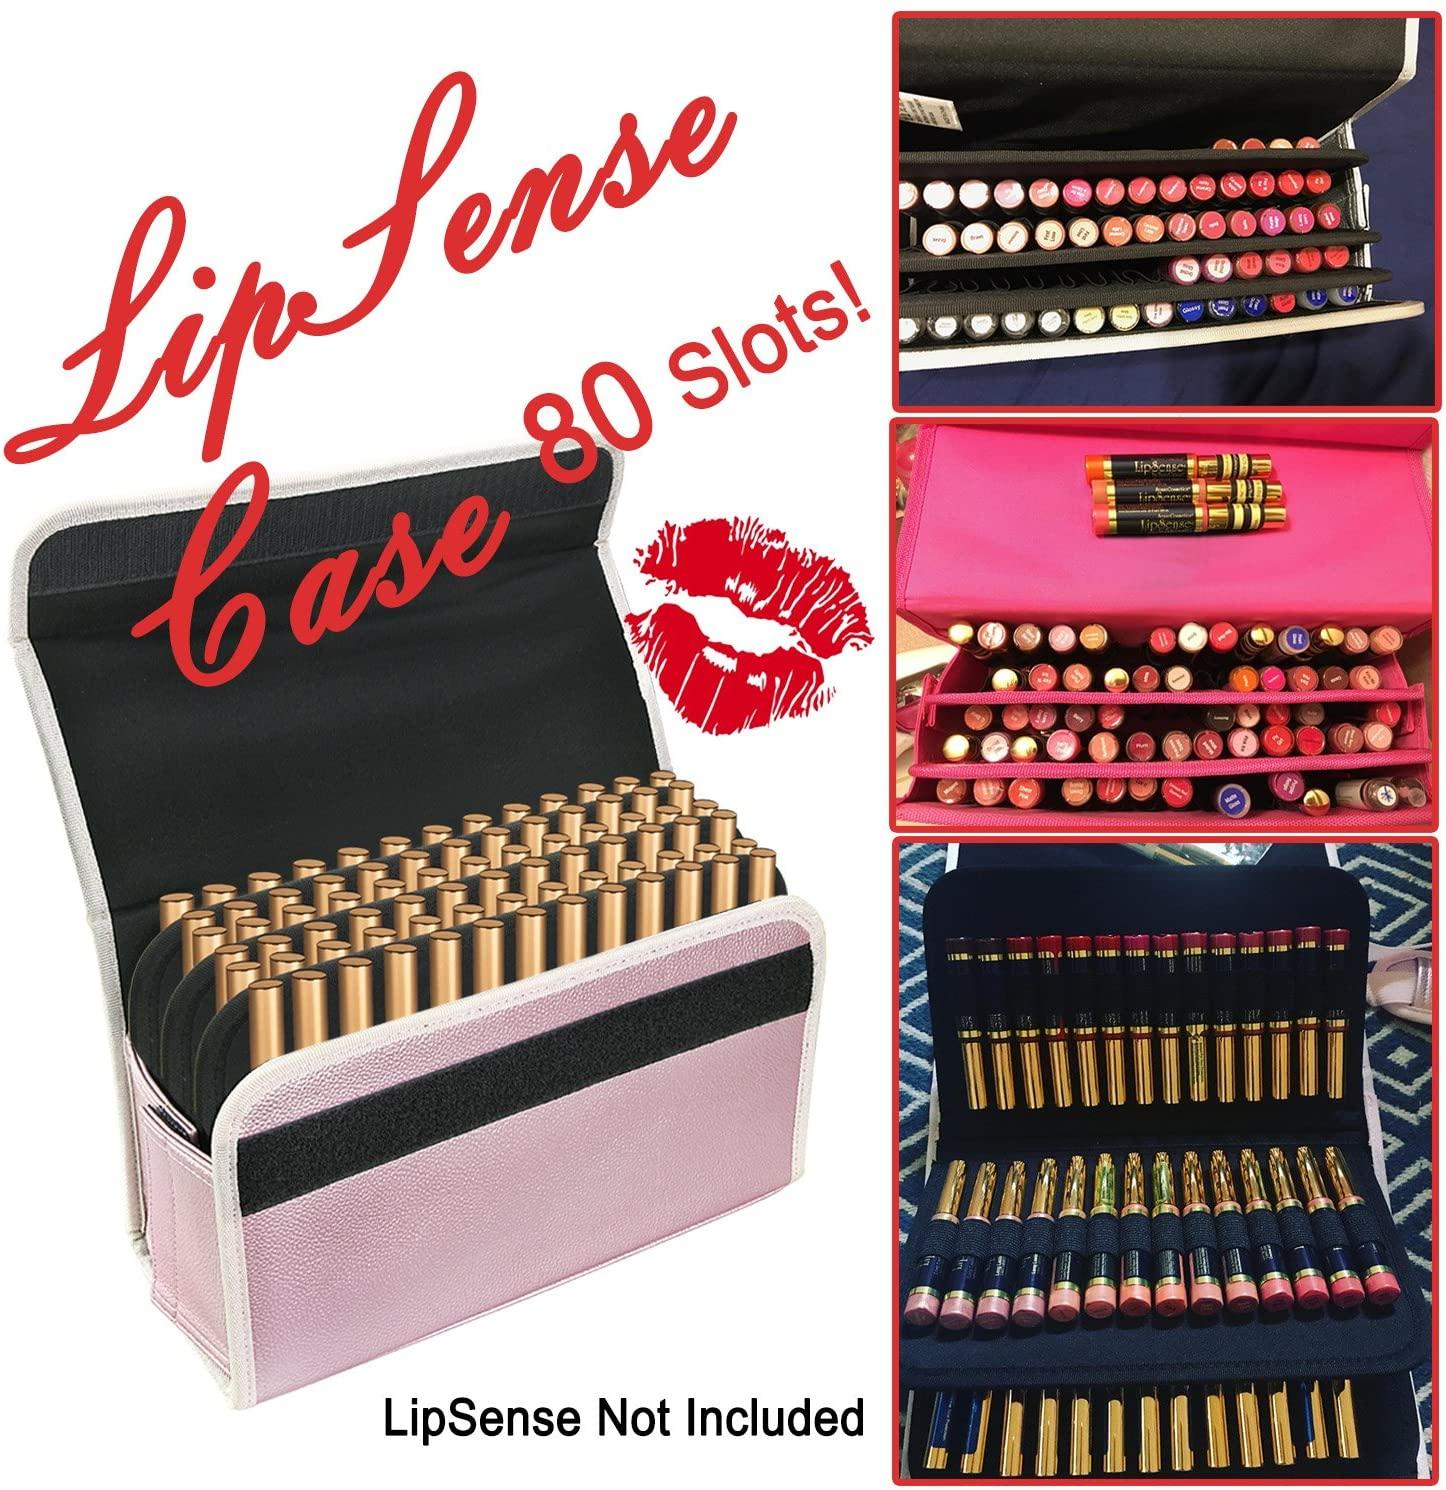 YOUSHARES 80 Slot Lip Gloss Organizer – Large Capacity Lipstick Holder for LipSense, EyeSense & Other Similar Tubes of SeneGence (Pink)